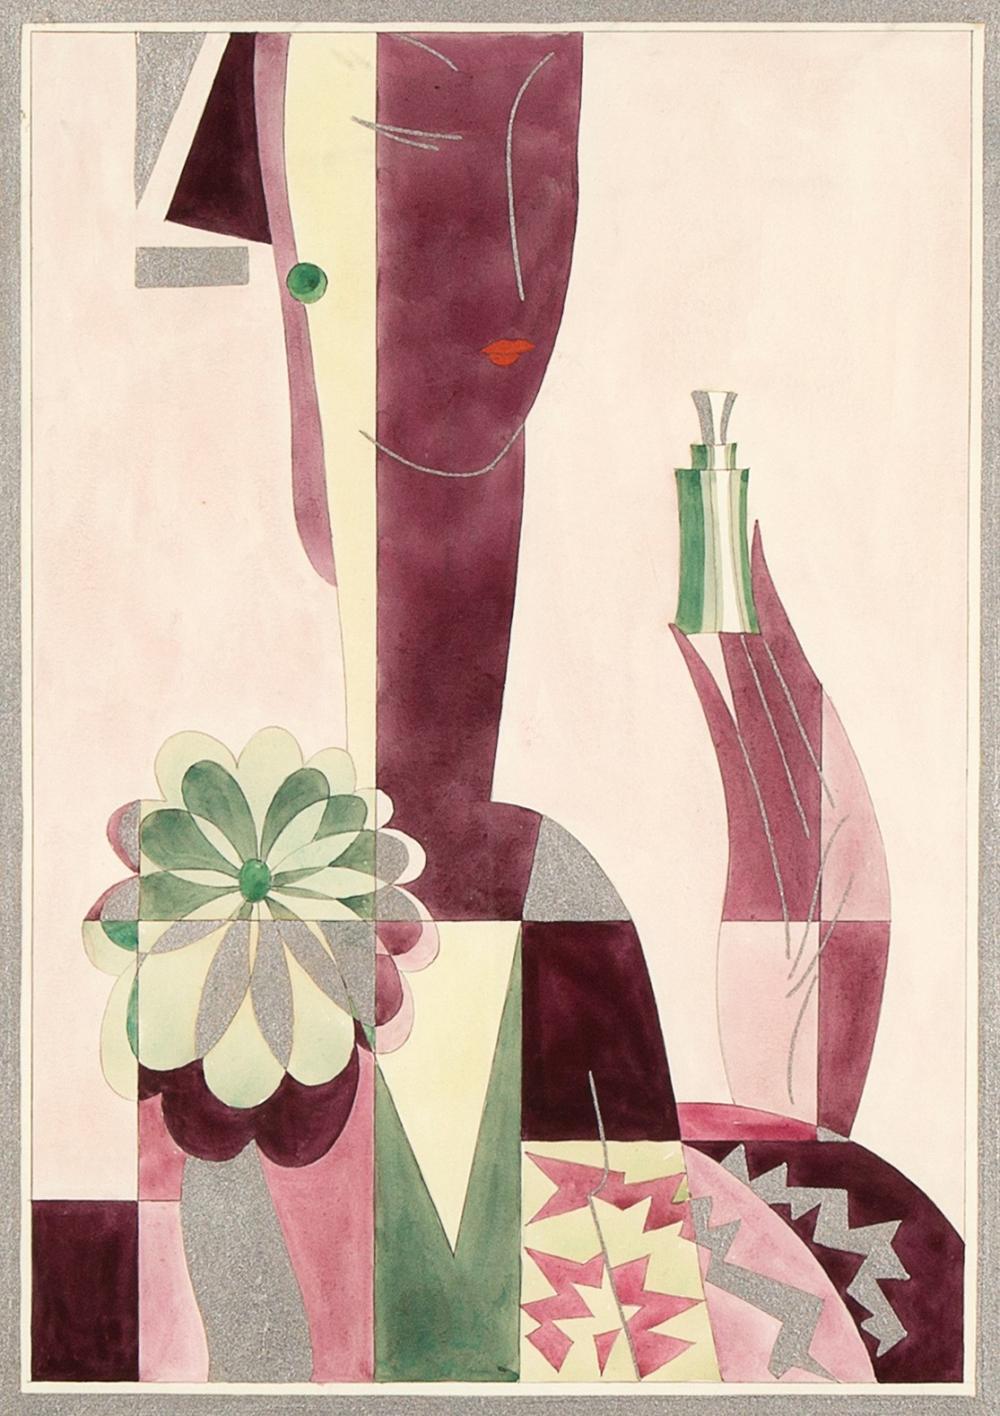 Emil Bisttram, Illustration For Perfume Ad